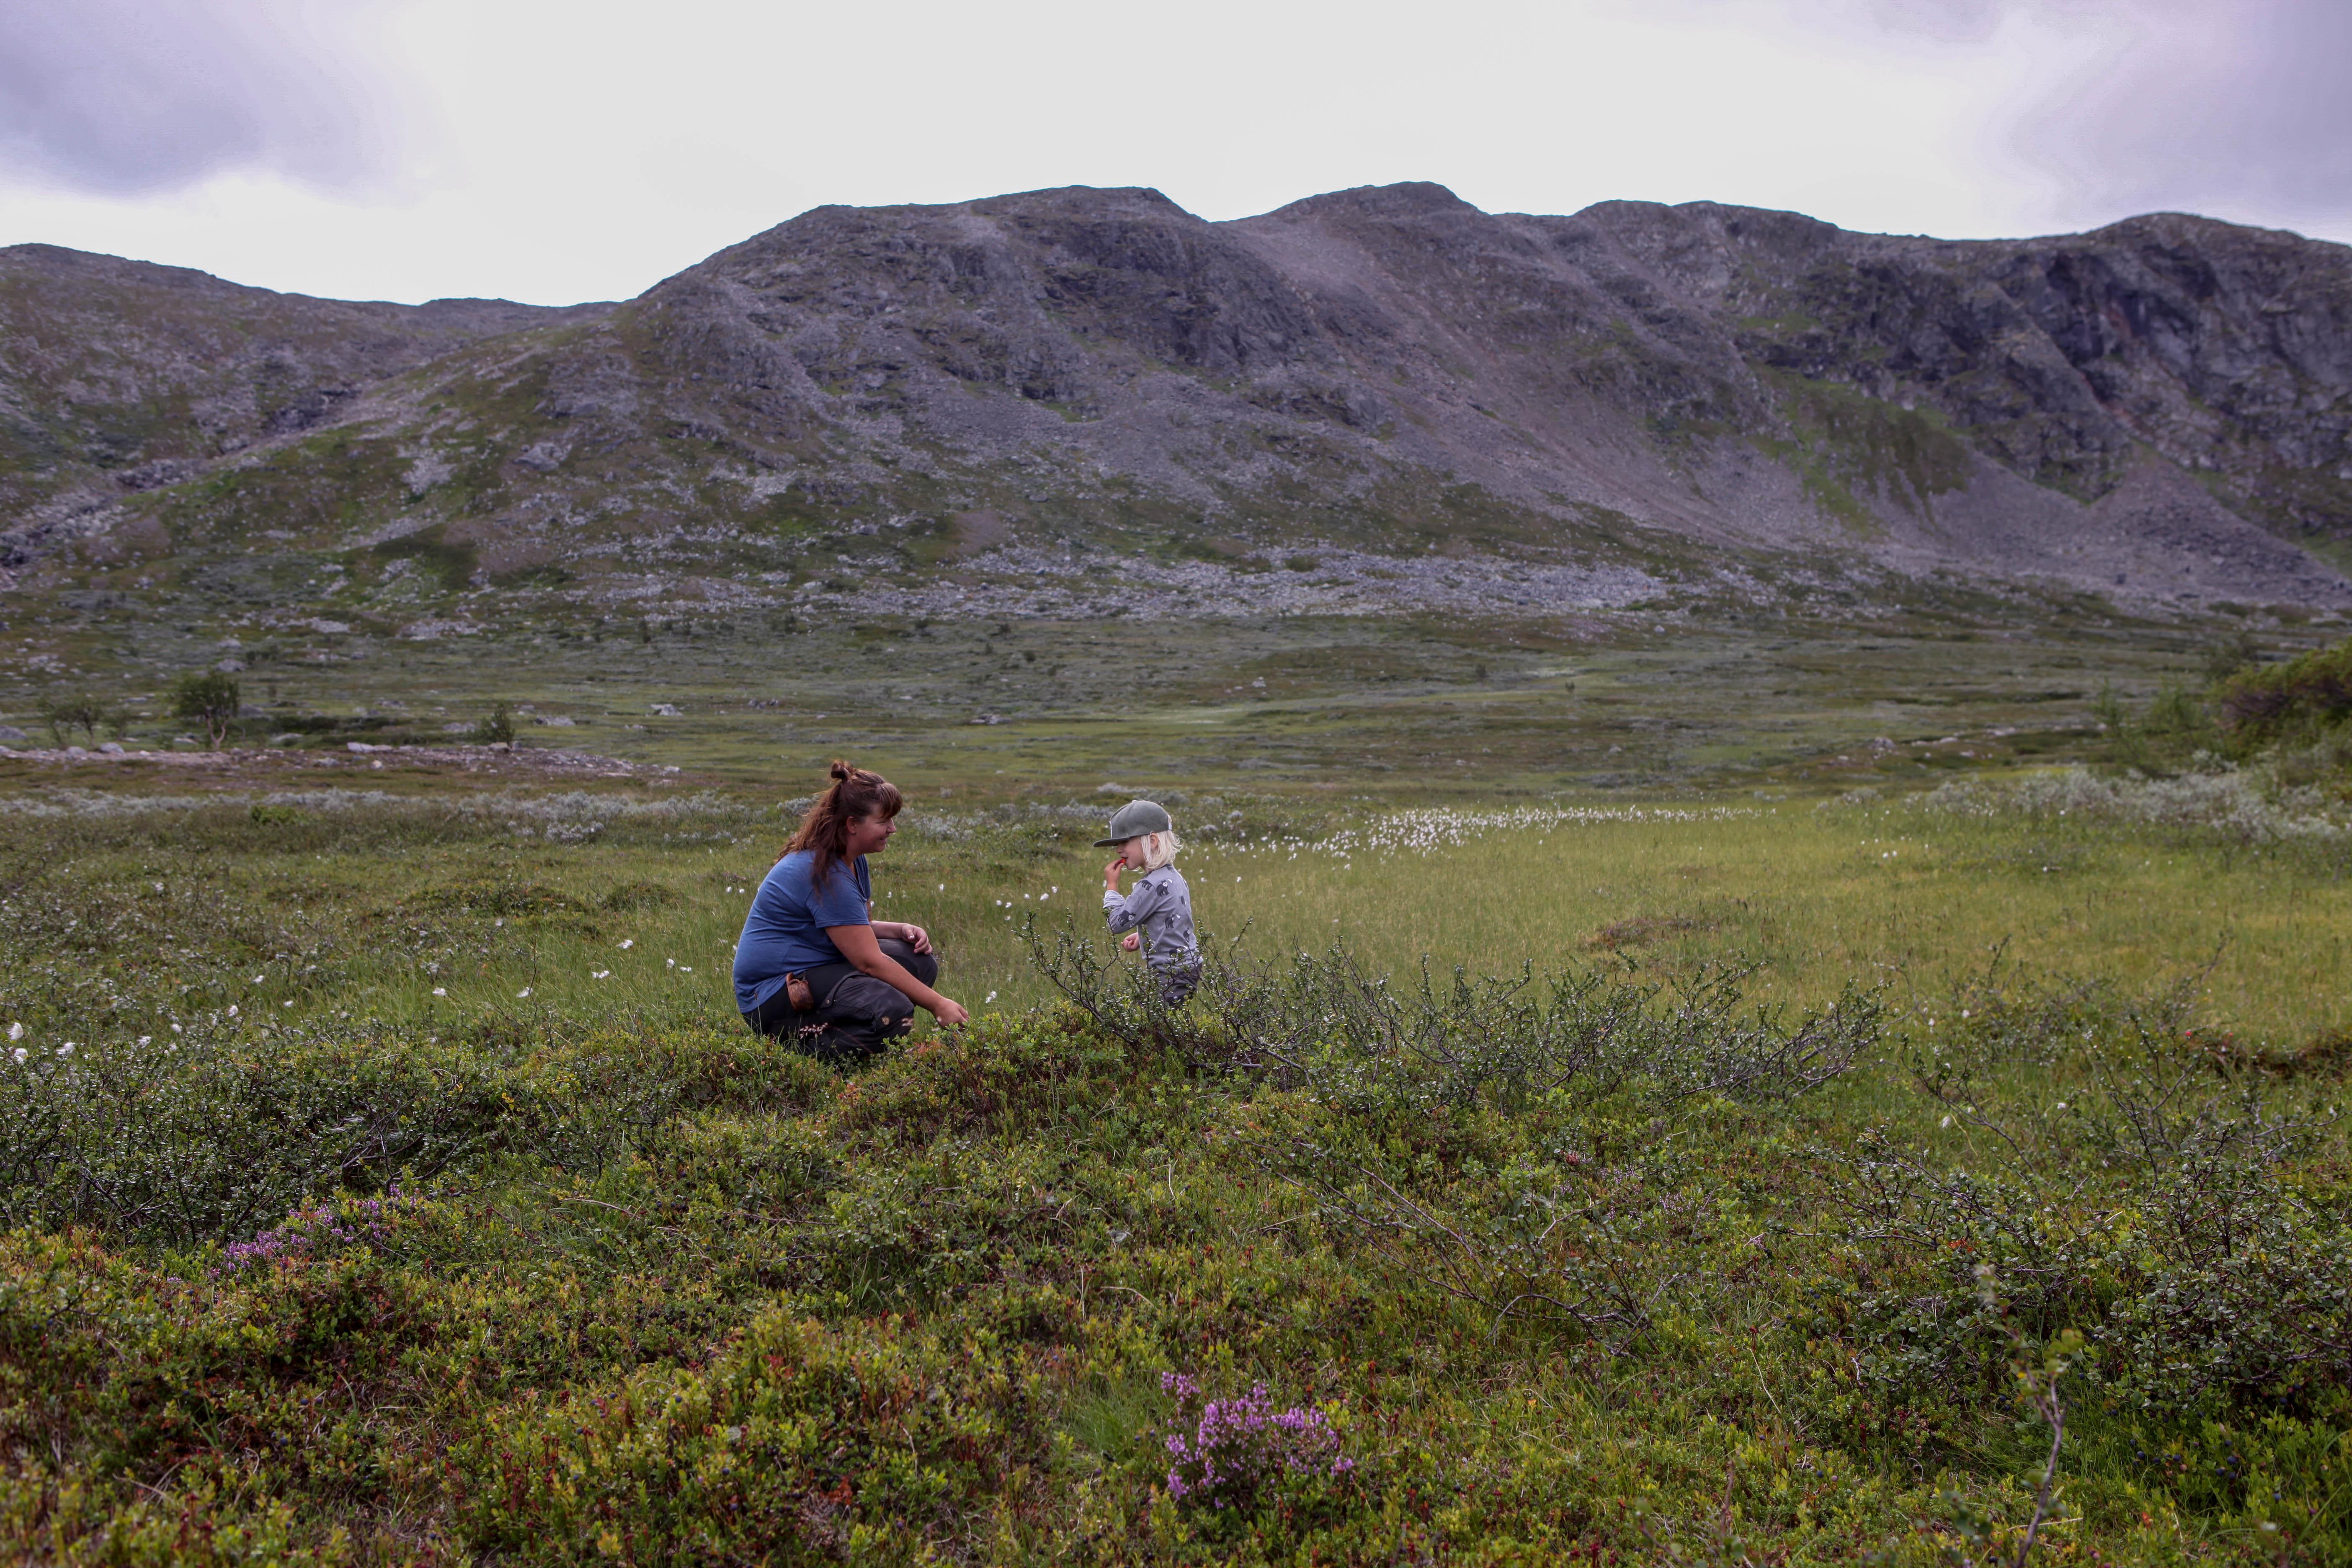 mamma och barn i fjällen plockar hjorton